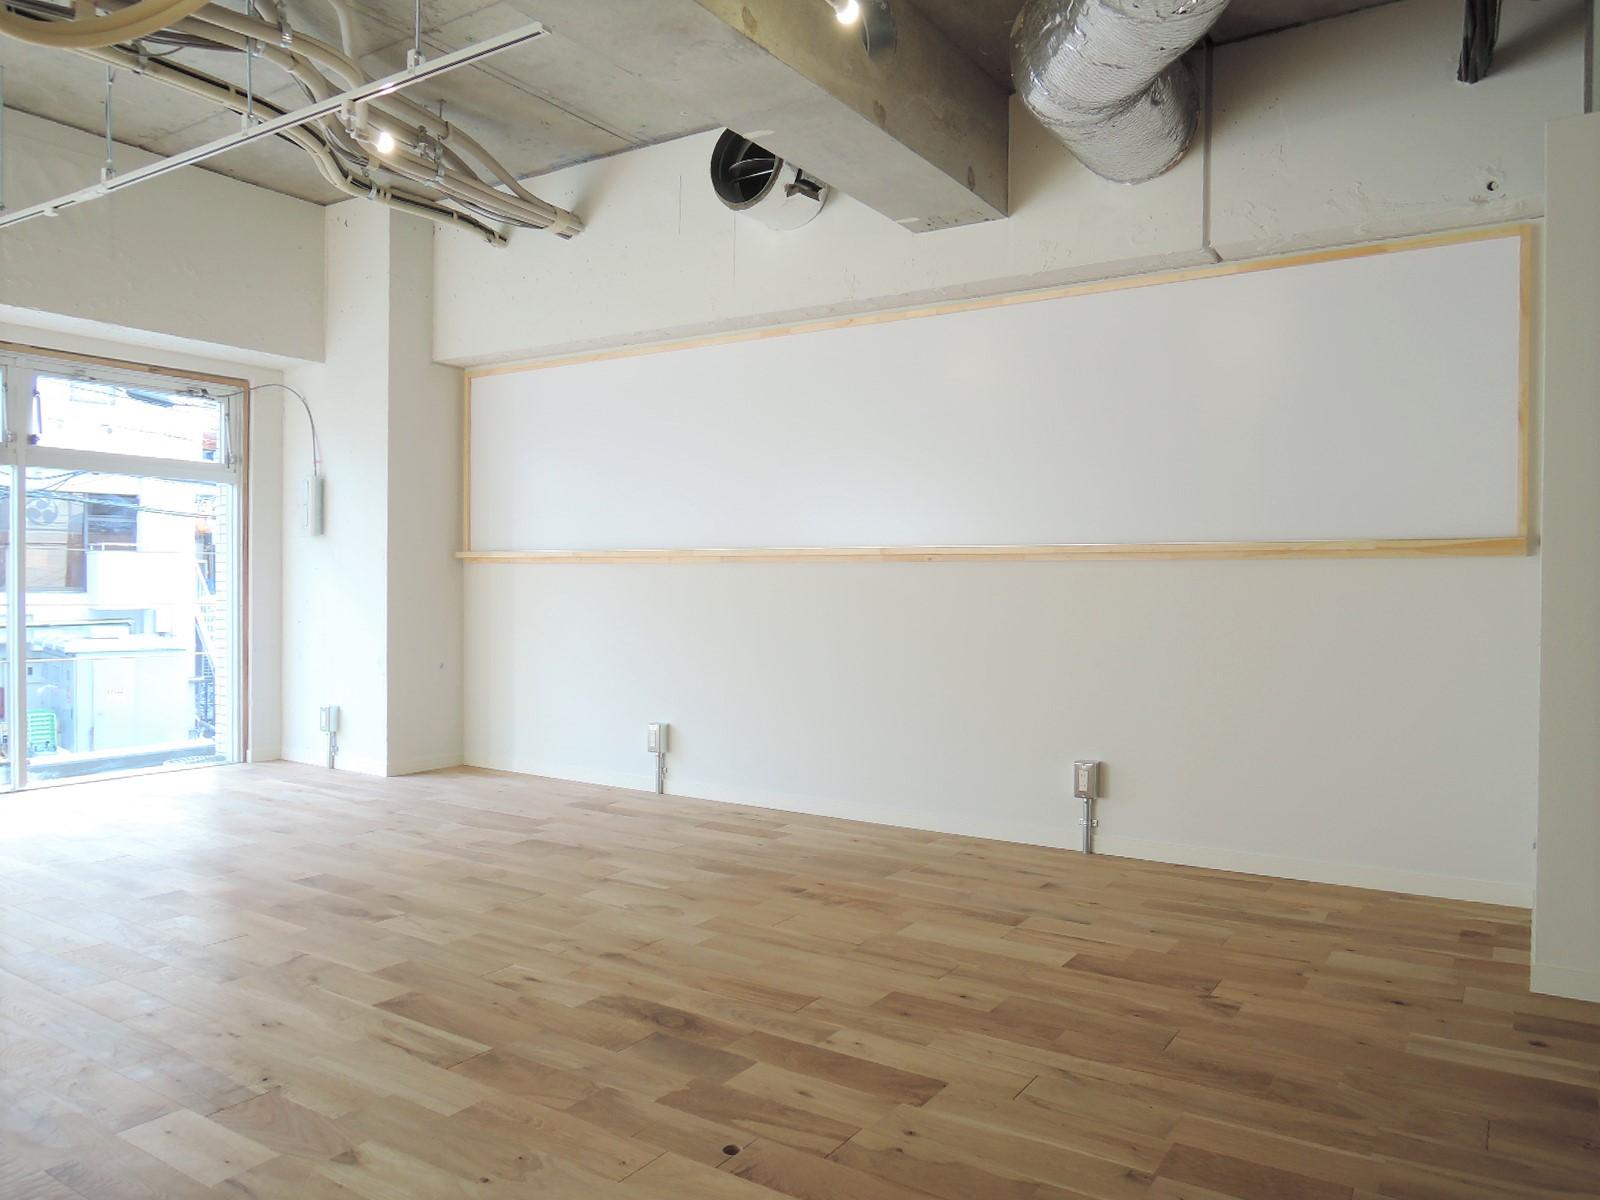 【デザイナーズ】駒沢大学、約17坪。希少。<br>スケルトン天井にナチュラルな内装をプラス